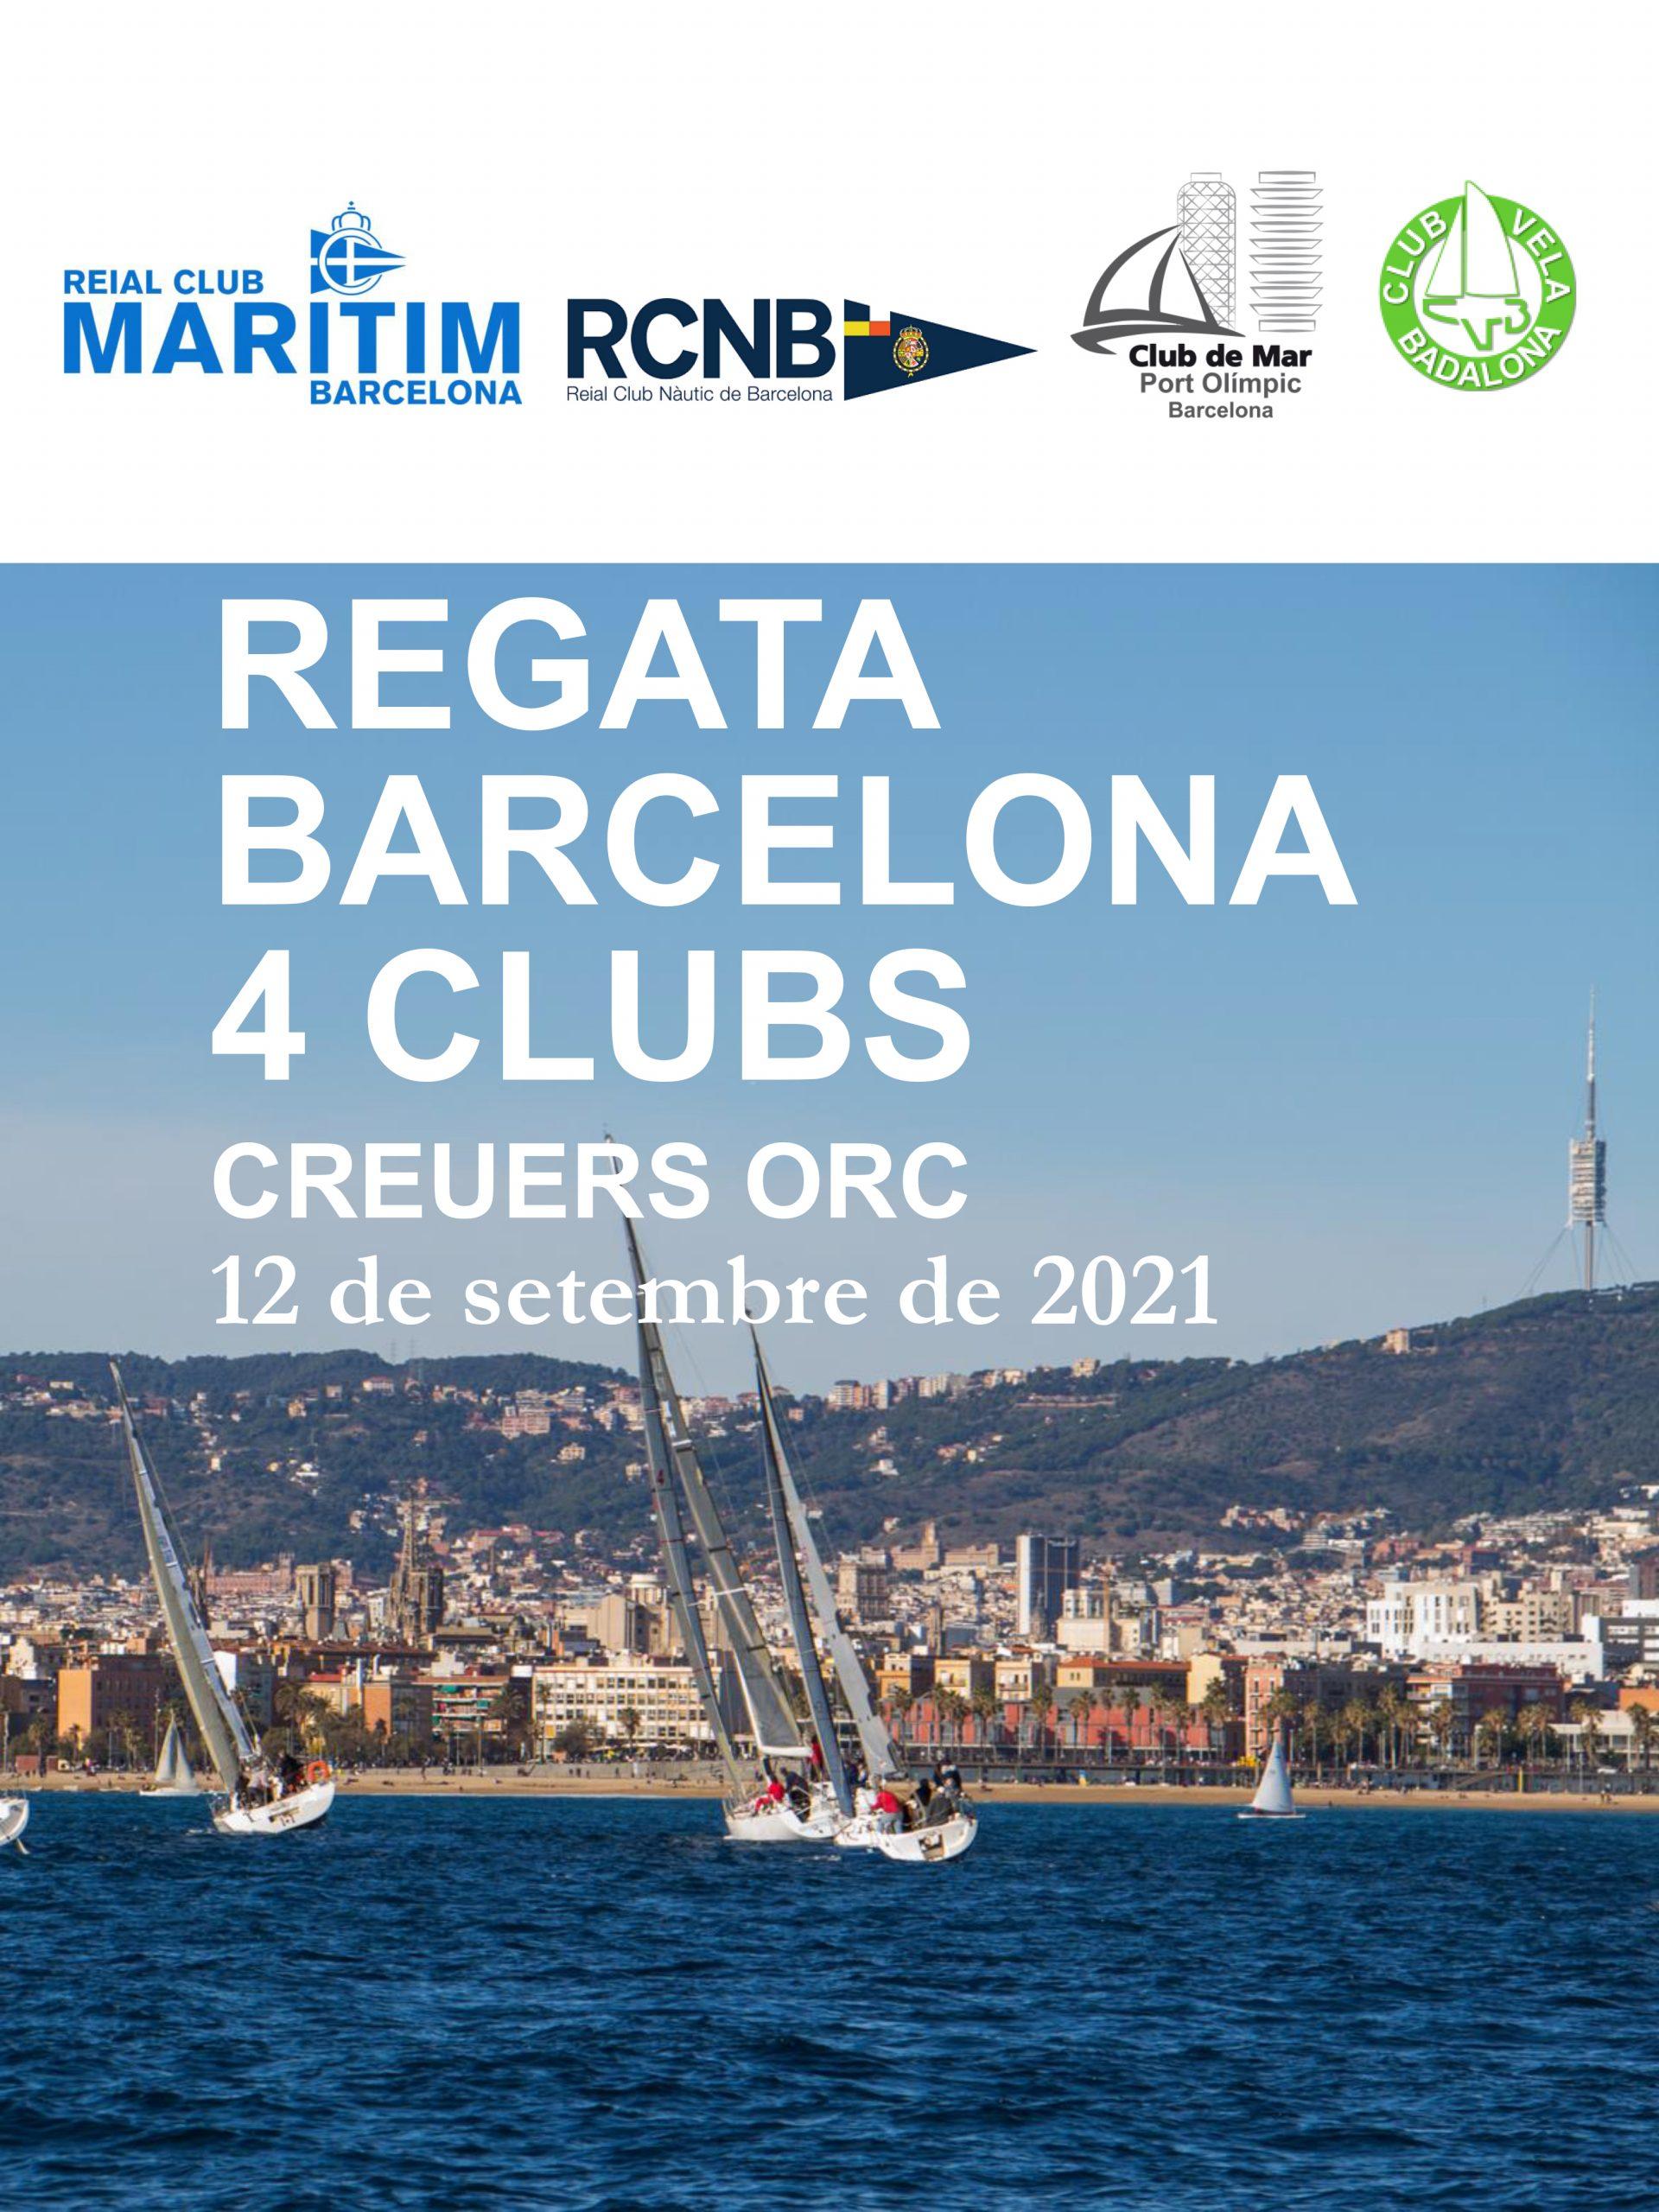 Club de Mar Port Olímpic